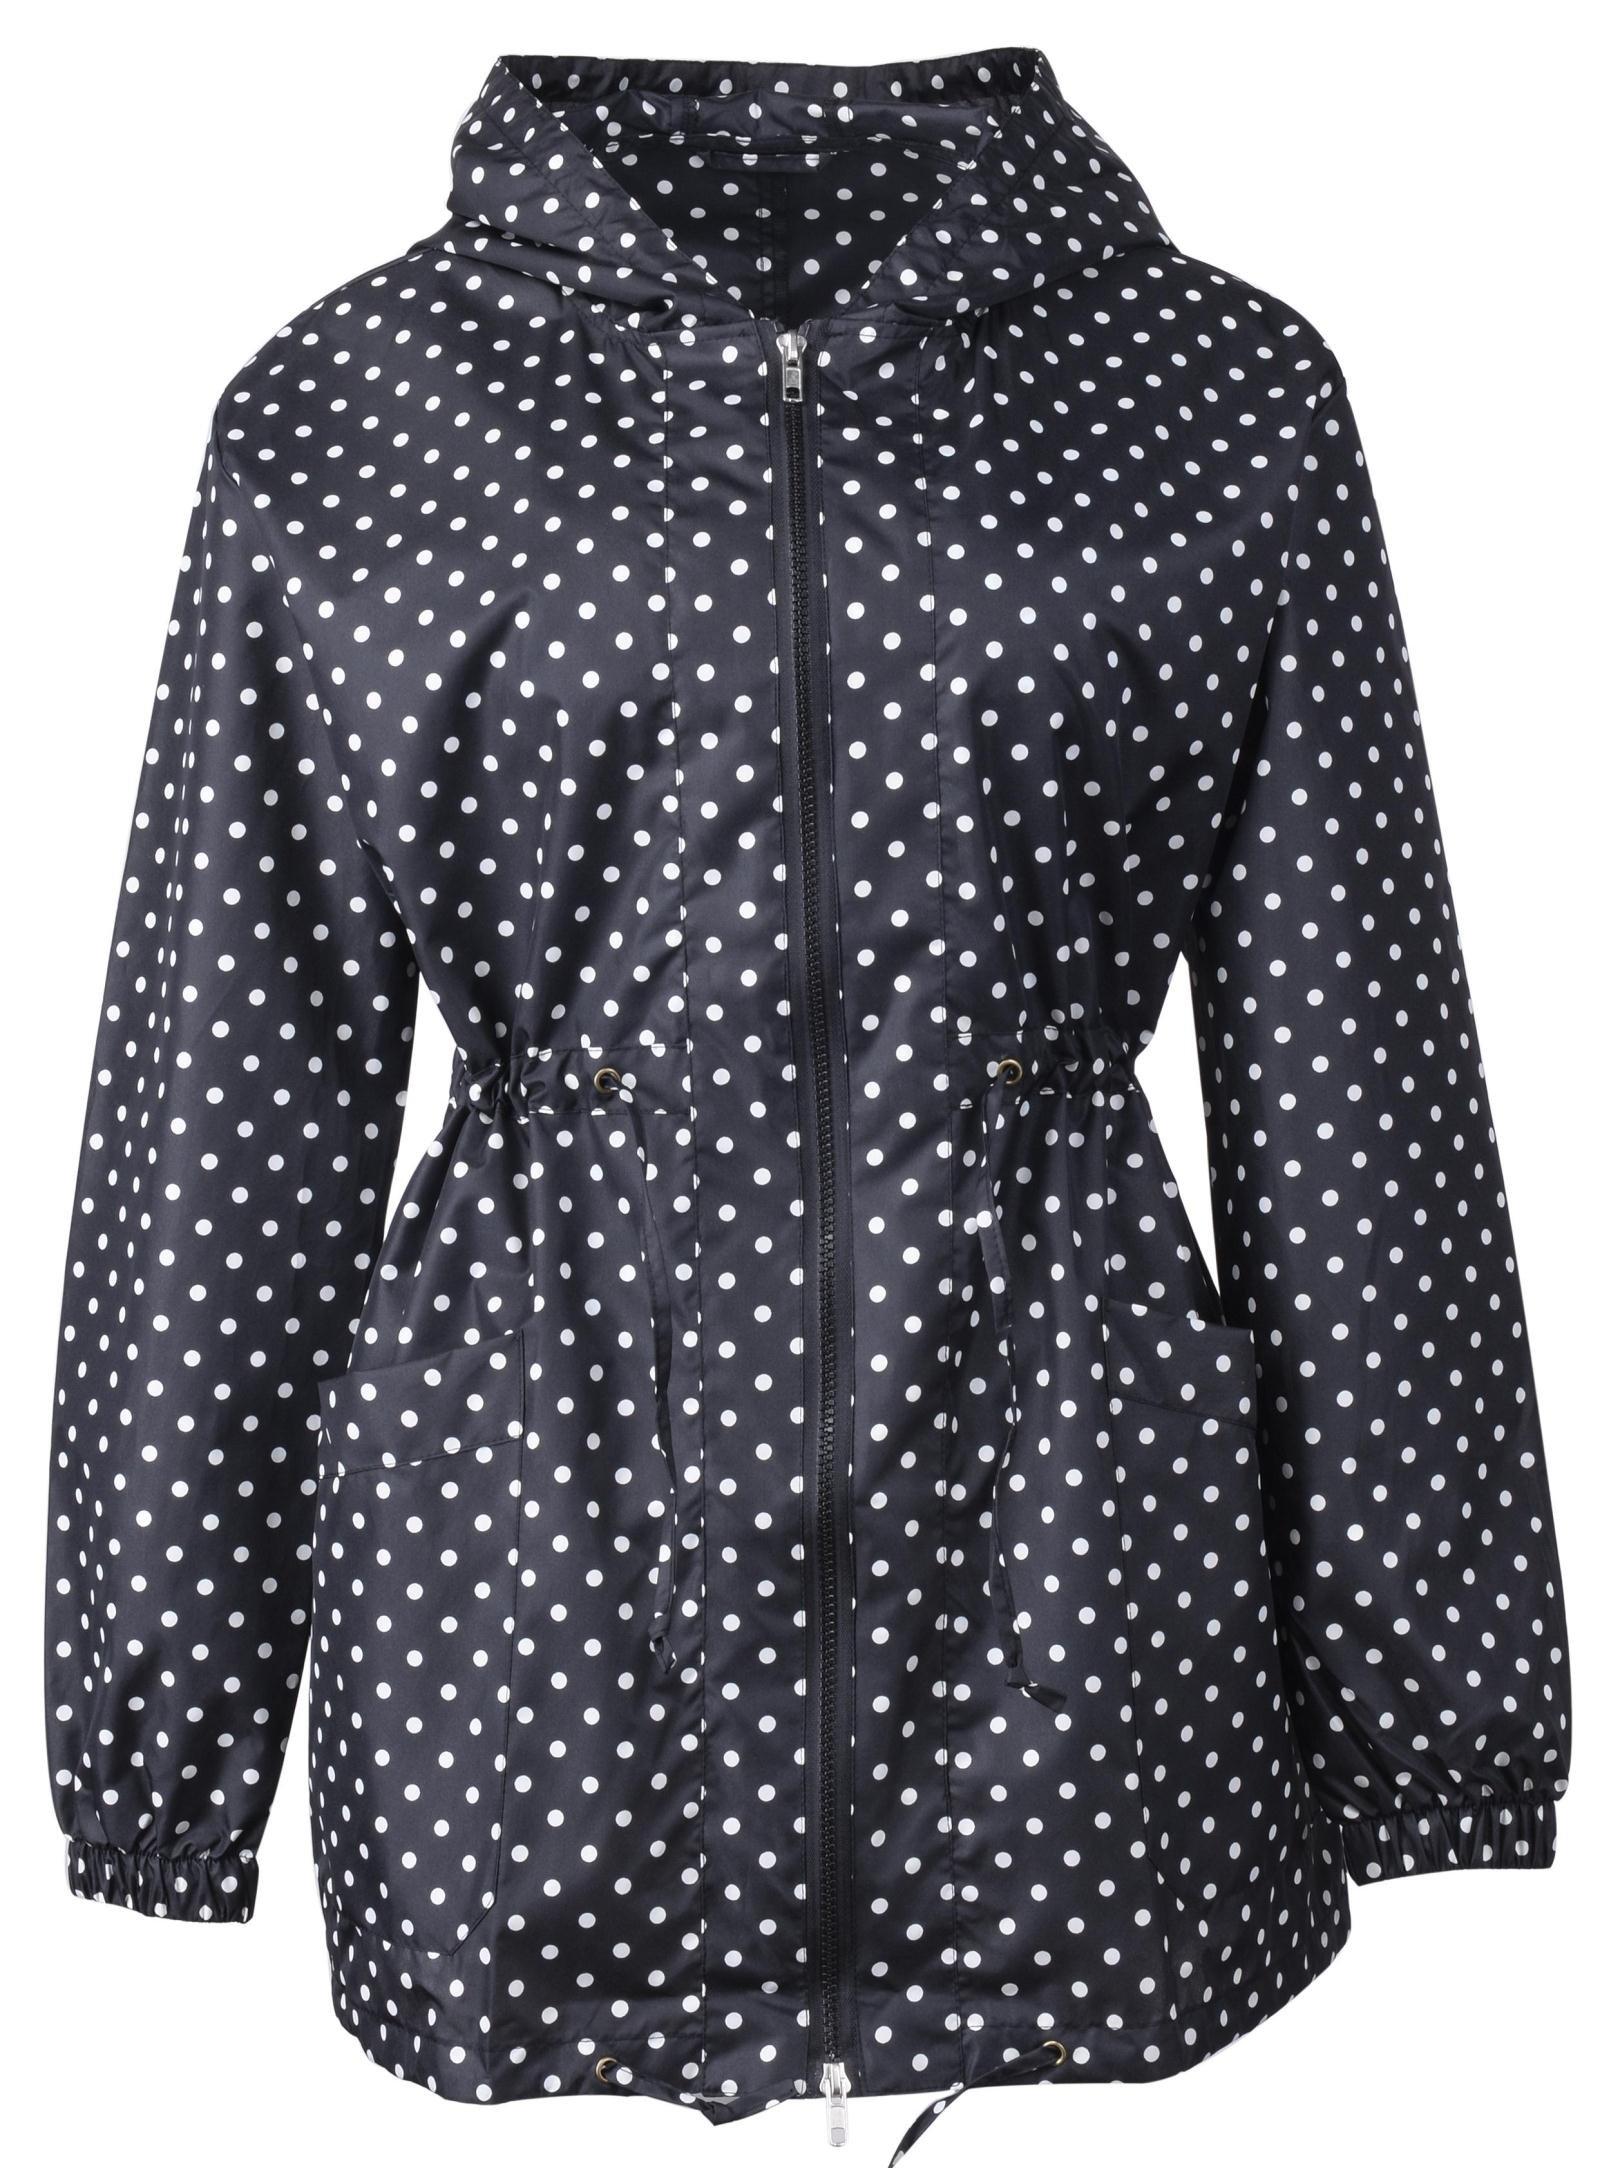 QZUnique Women's Packable Waterproof Rain Jacket Outdoor Raincoat with Zipper